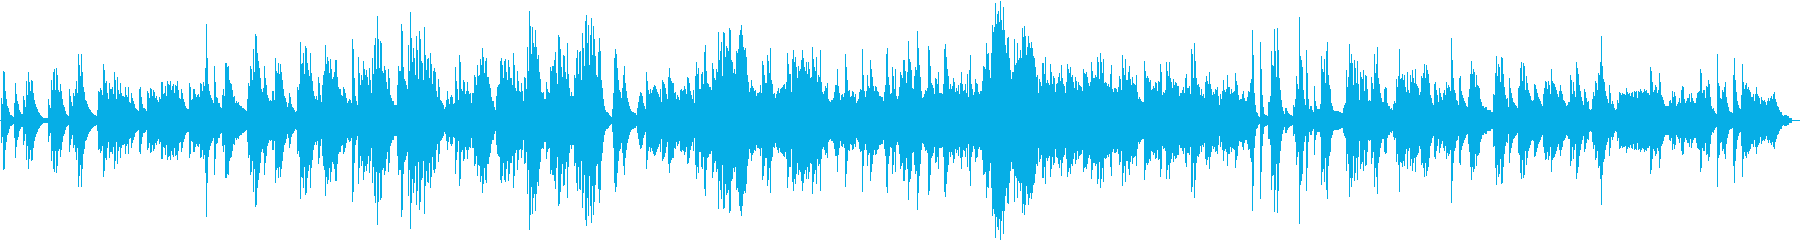 月の光 - ドビュッシー・アコギの再生済みの波形